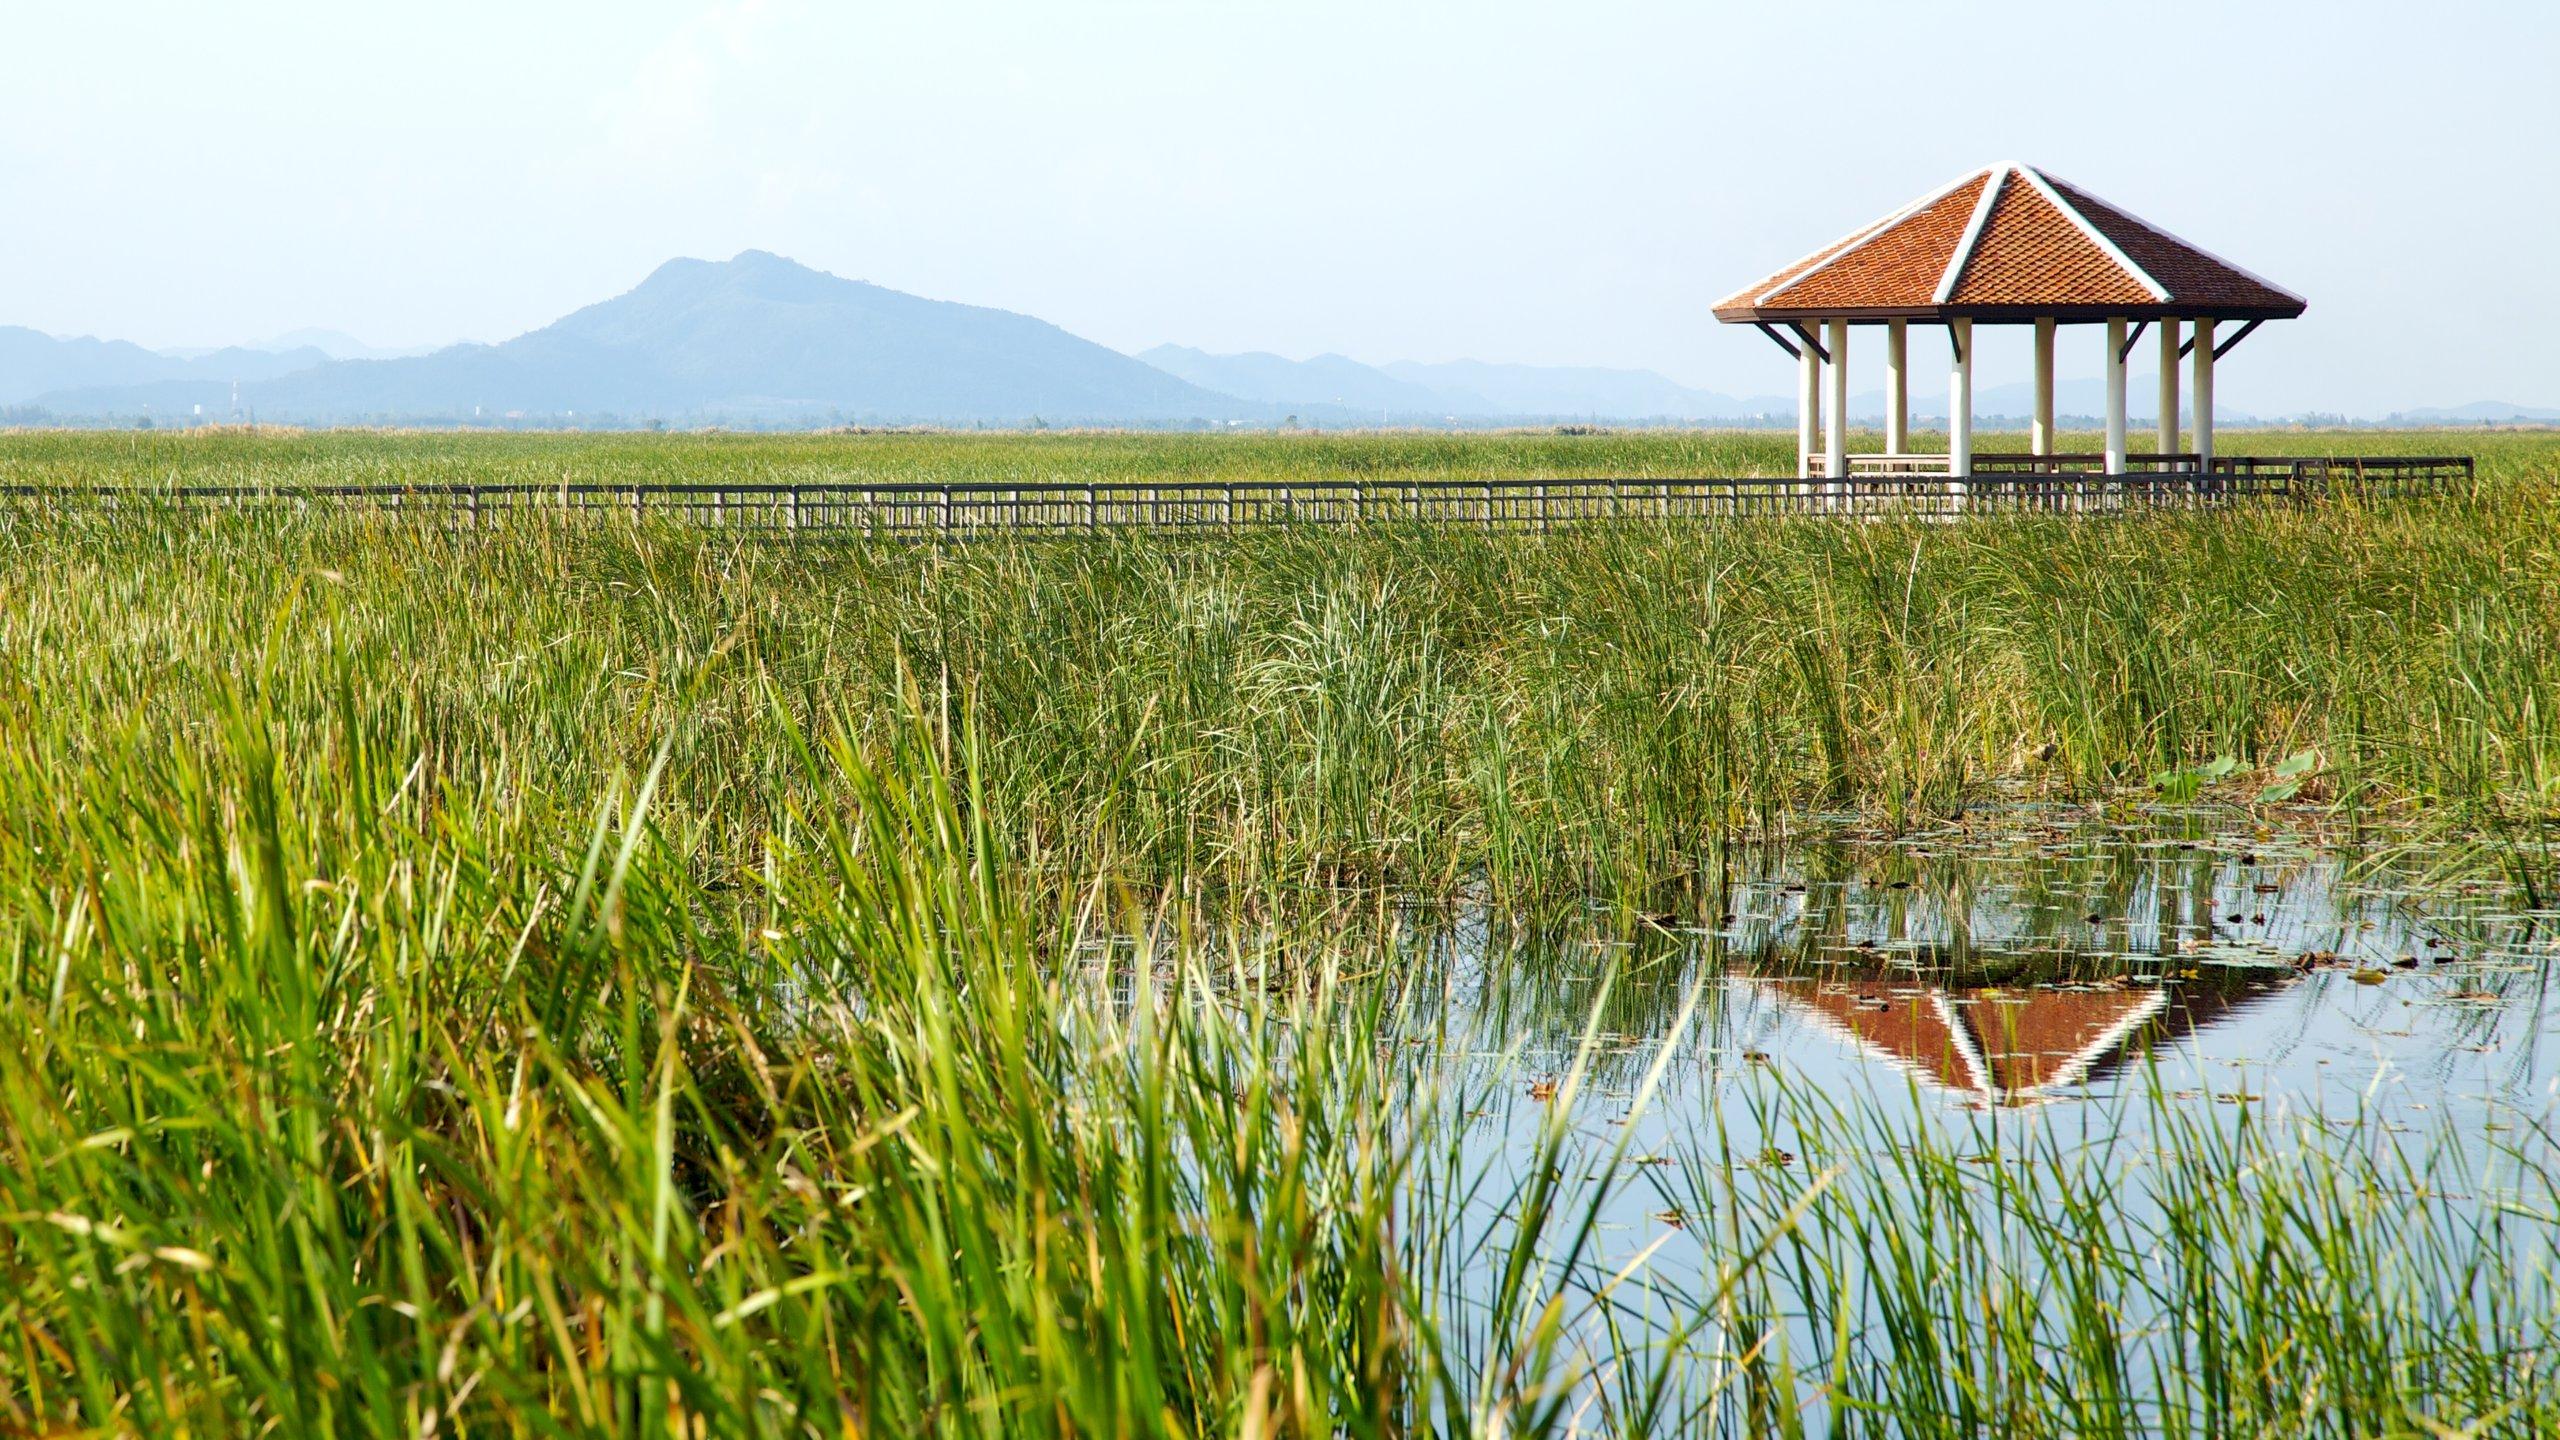 Khao Sam Roi Yot National Park, Prachuap Khiri Khan Province, Thailand